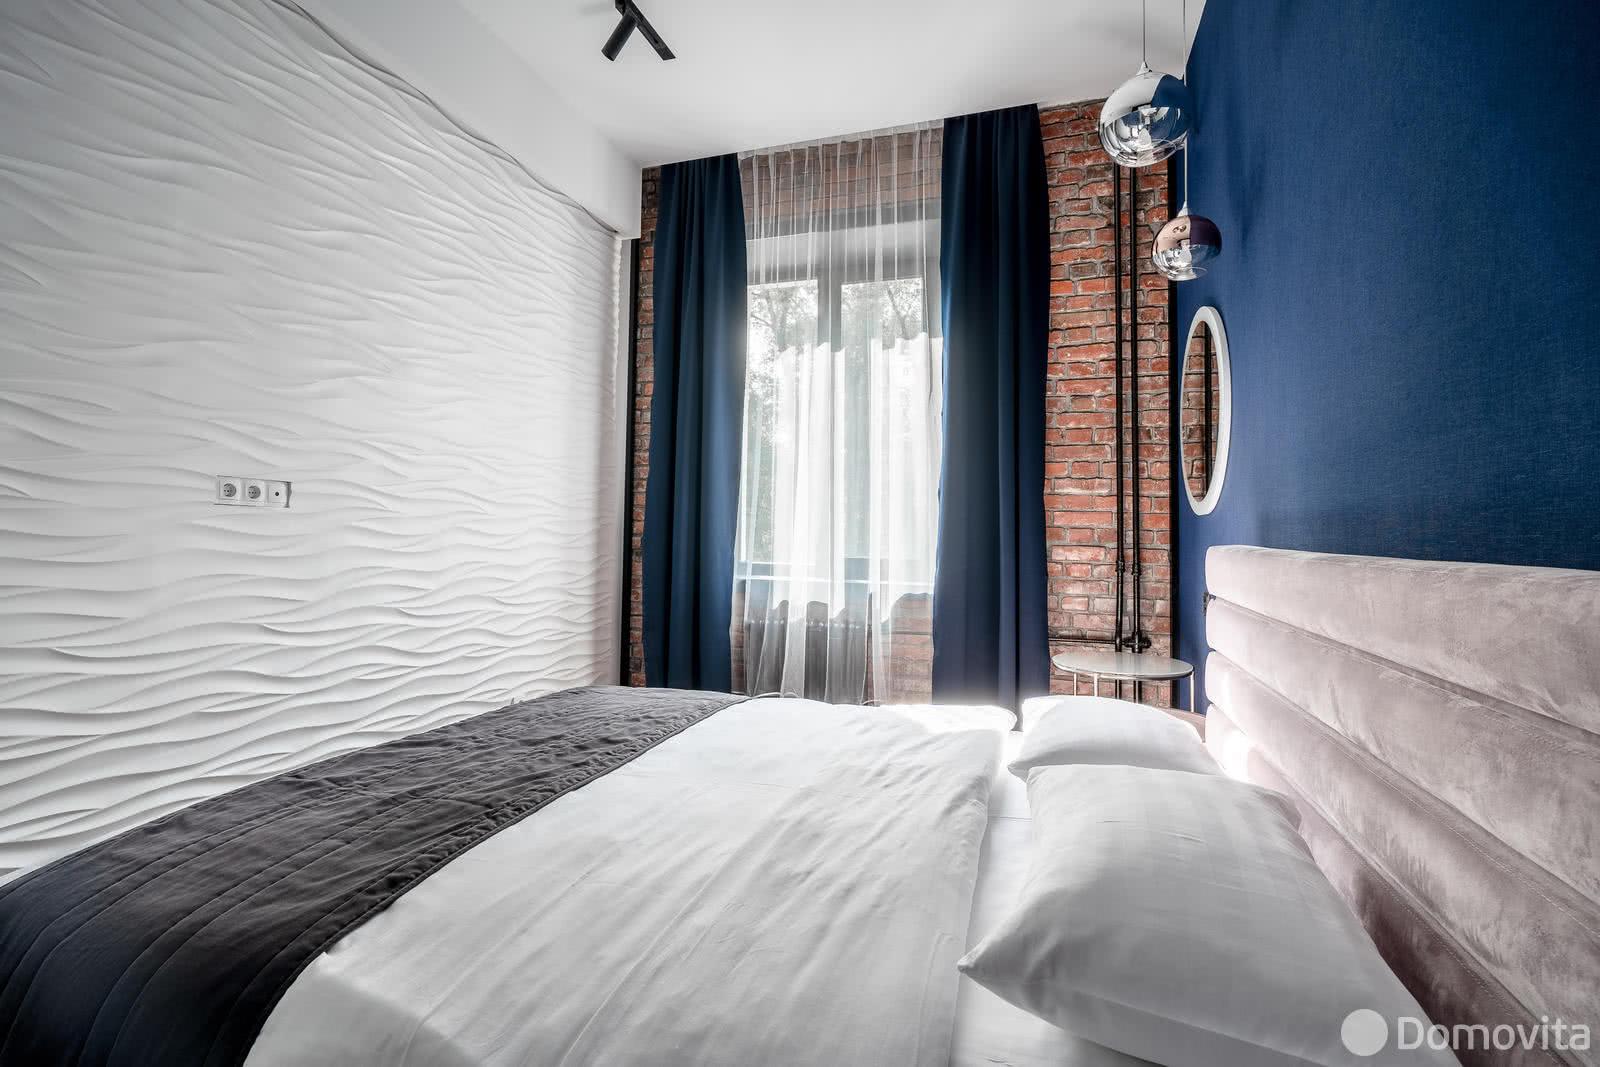 Аренда 3-комнатной квартиры на сутки в Минске ул. Свердлова, д. 24 - фото 2